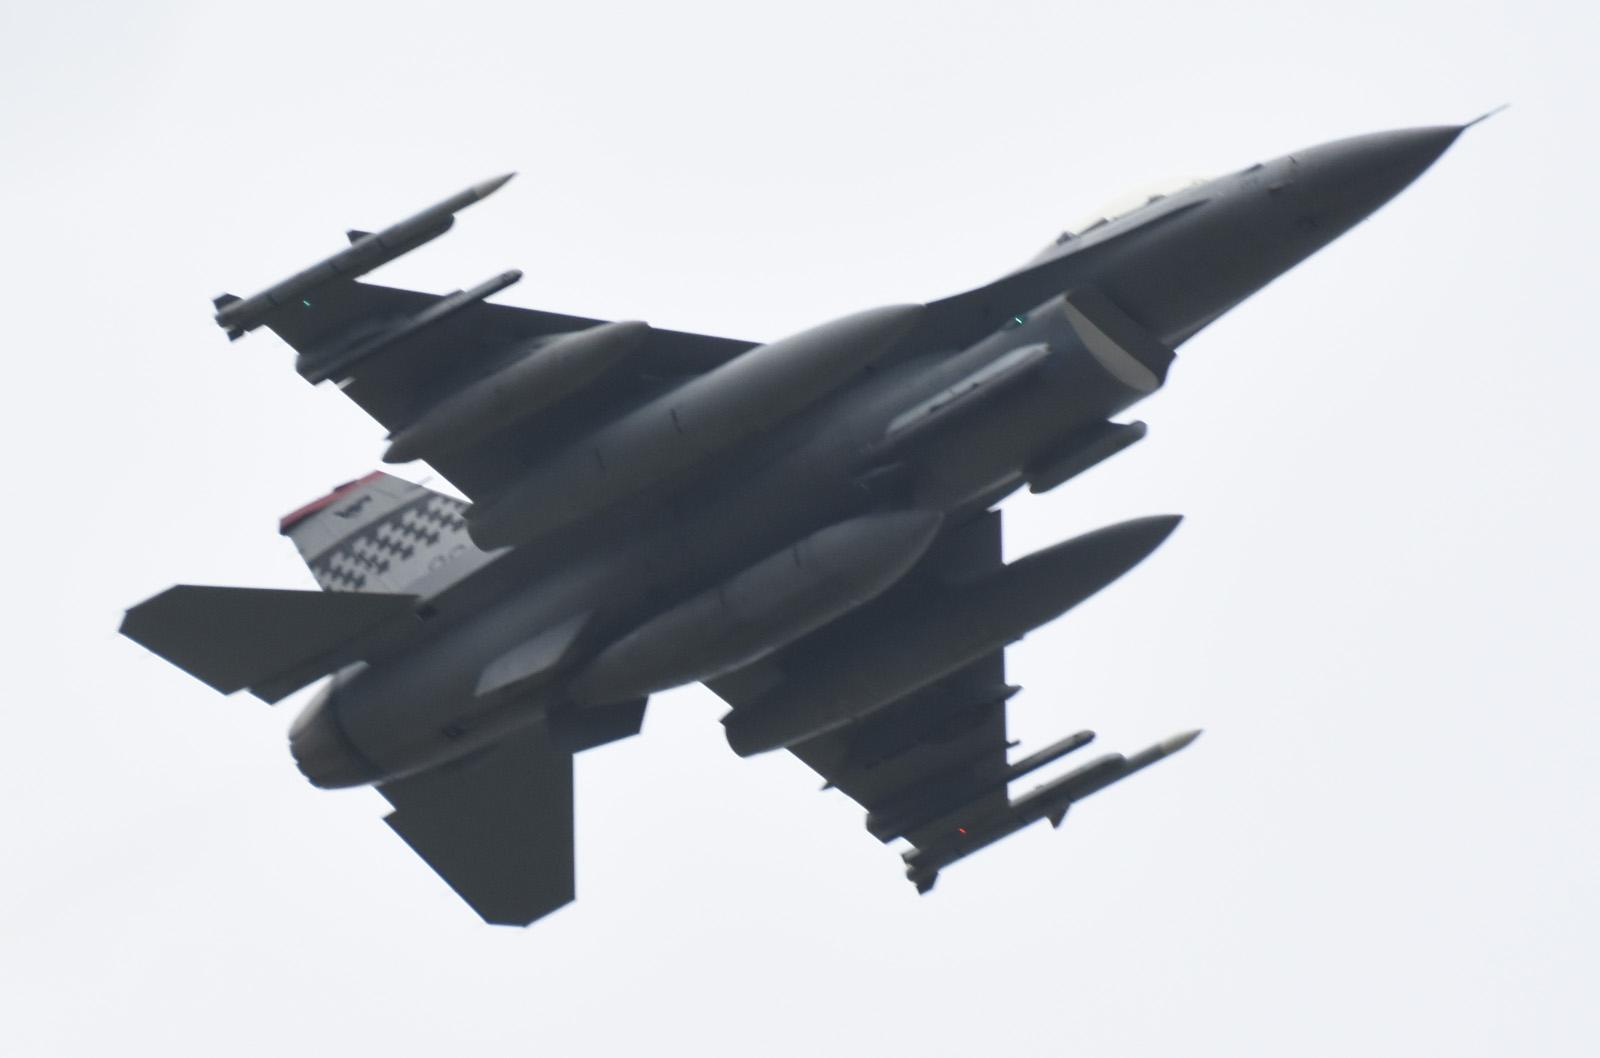 F16cm170606g771